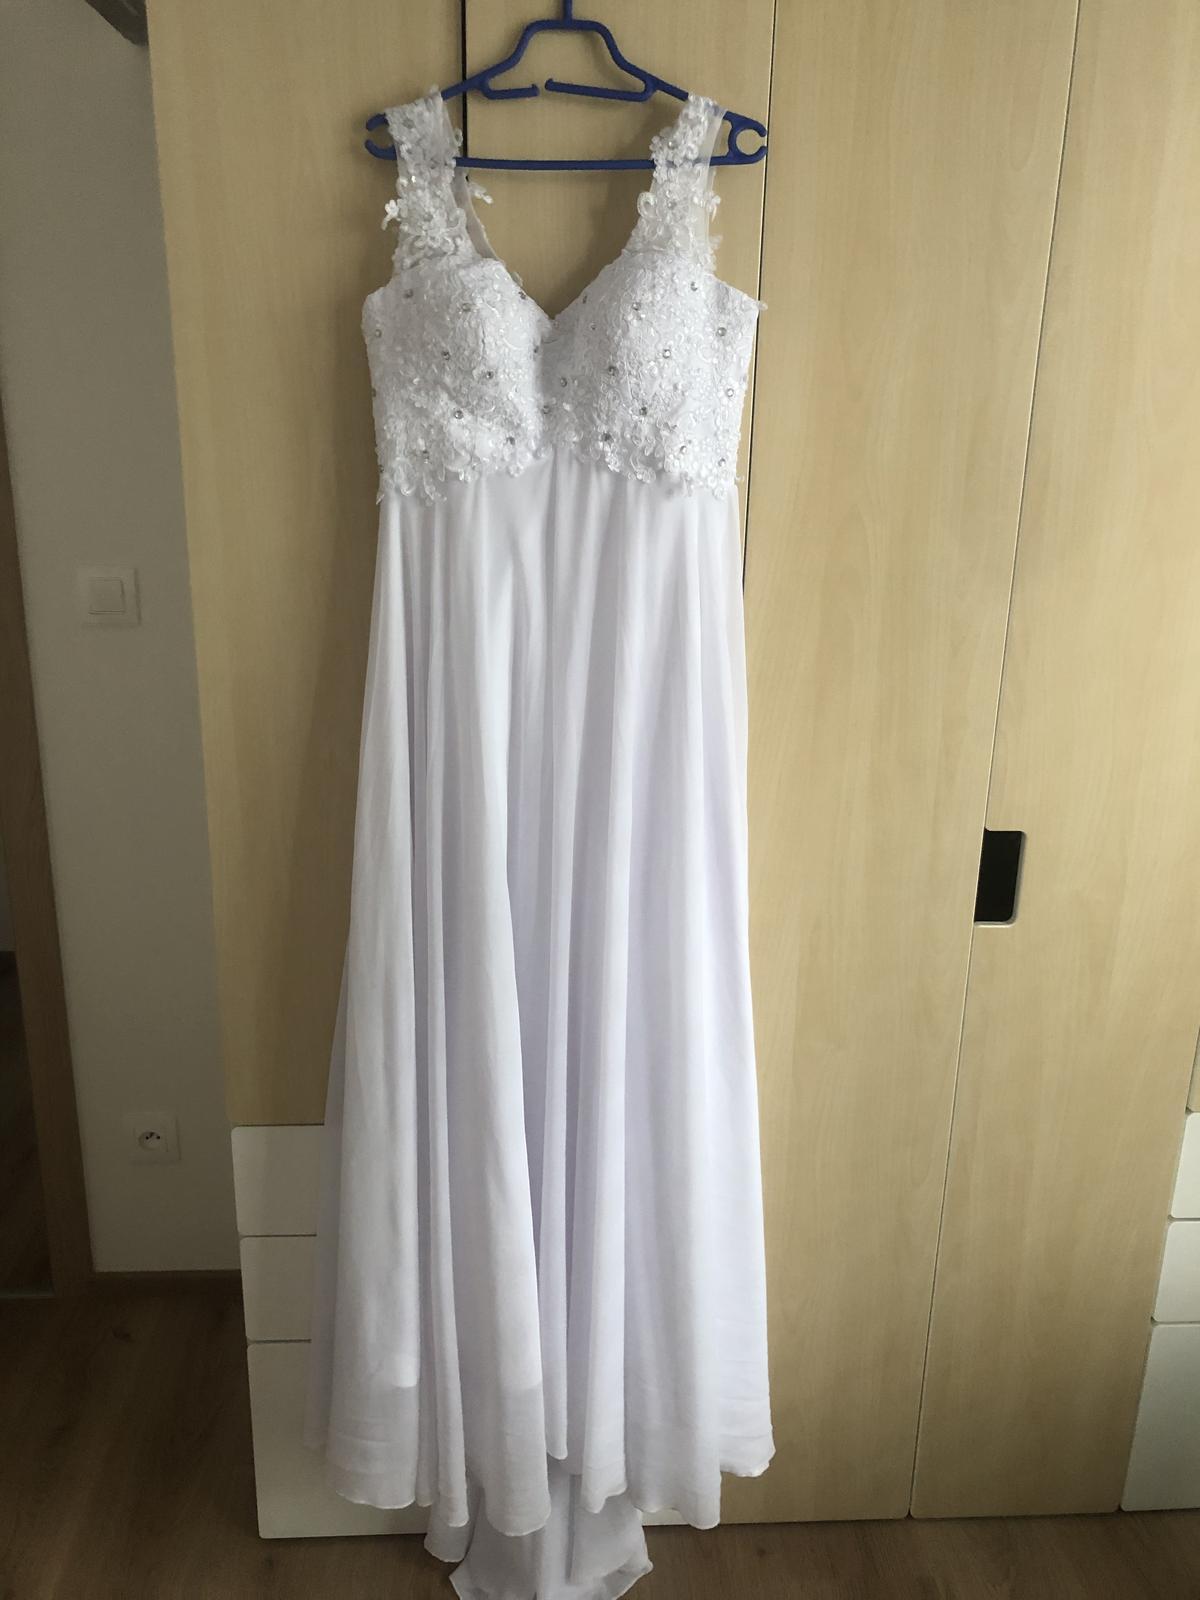 prodej svatebních šatů - Obrázek č. 1